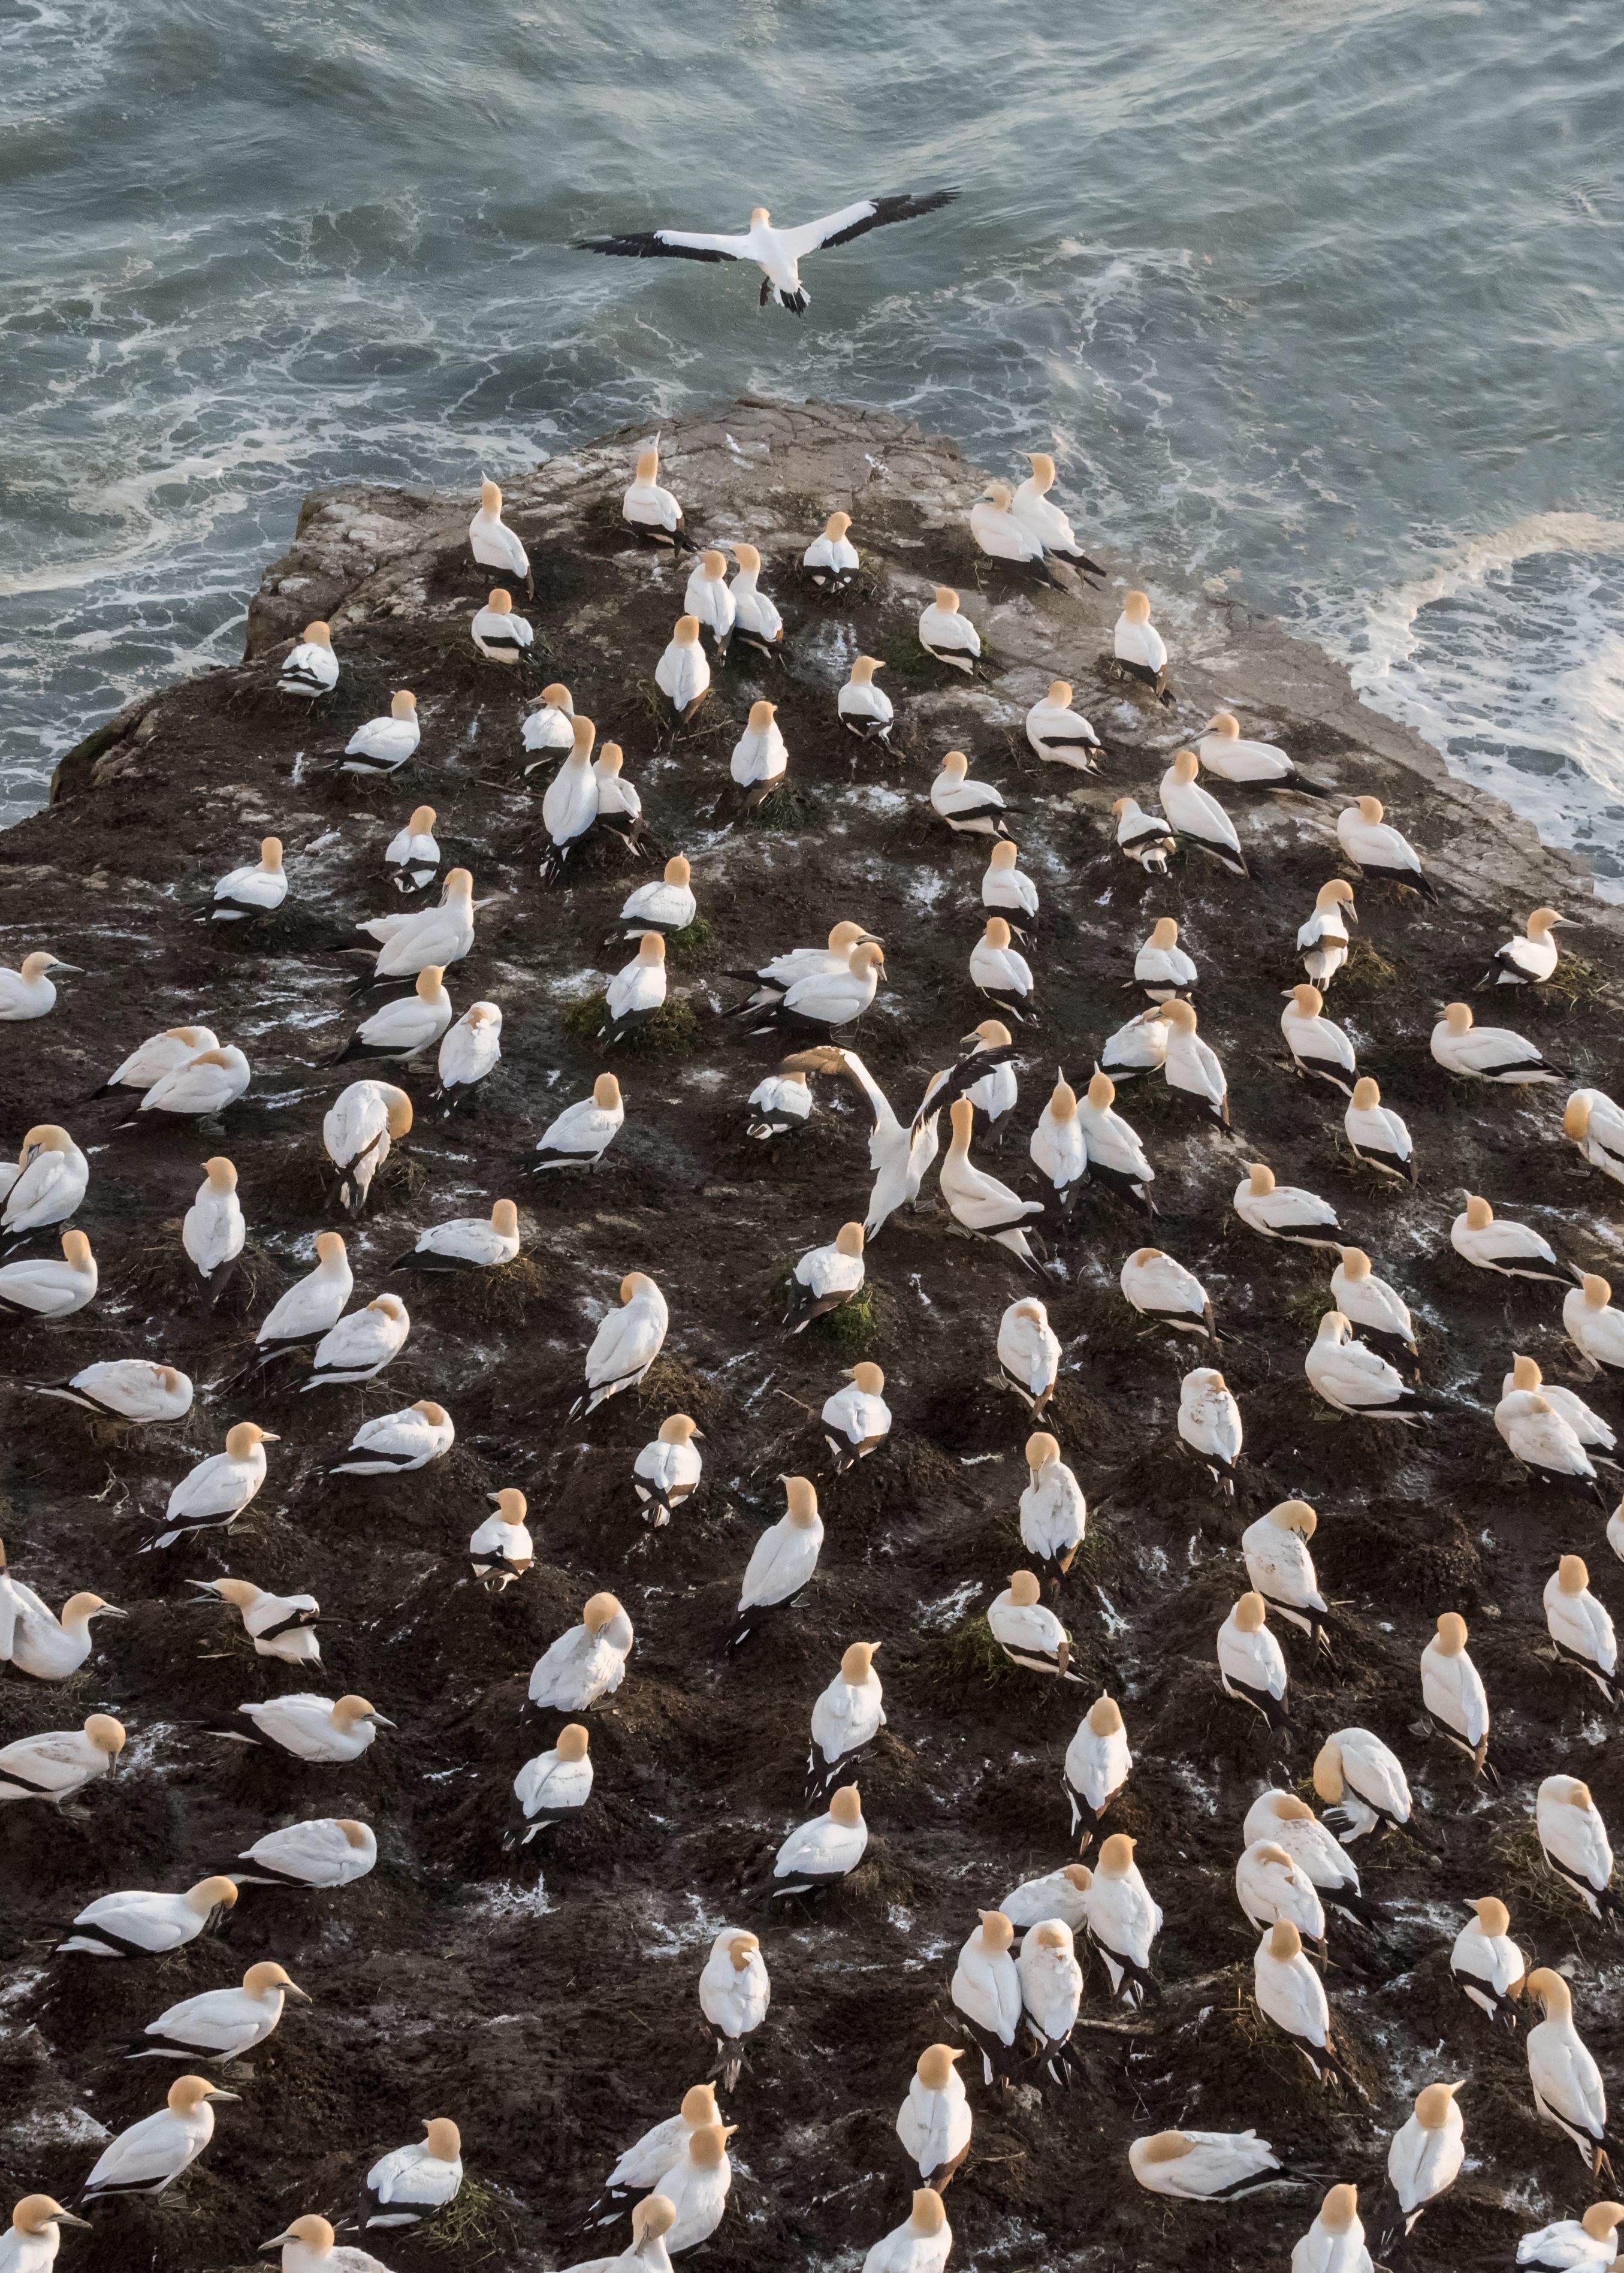 A single gannet flies away from the flock